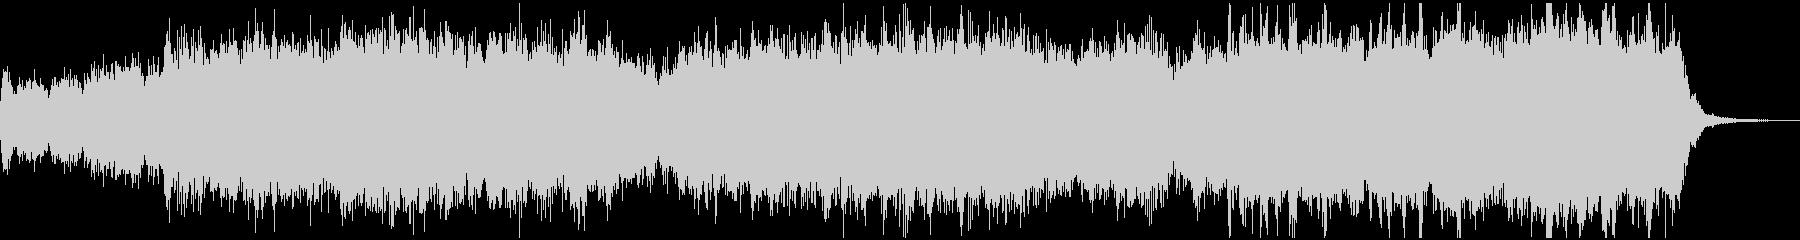 オーケストラによる戦闘リザルトBGMの未再生の波形